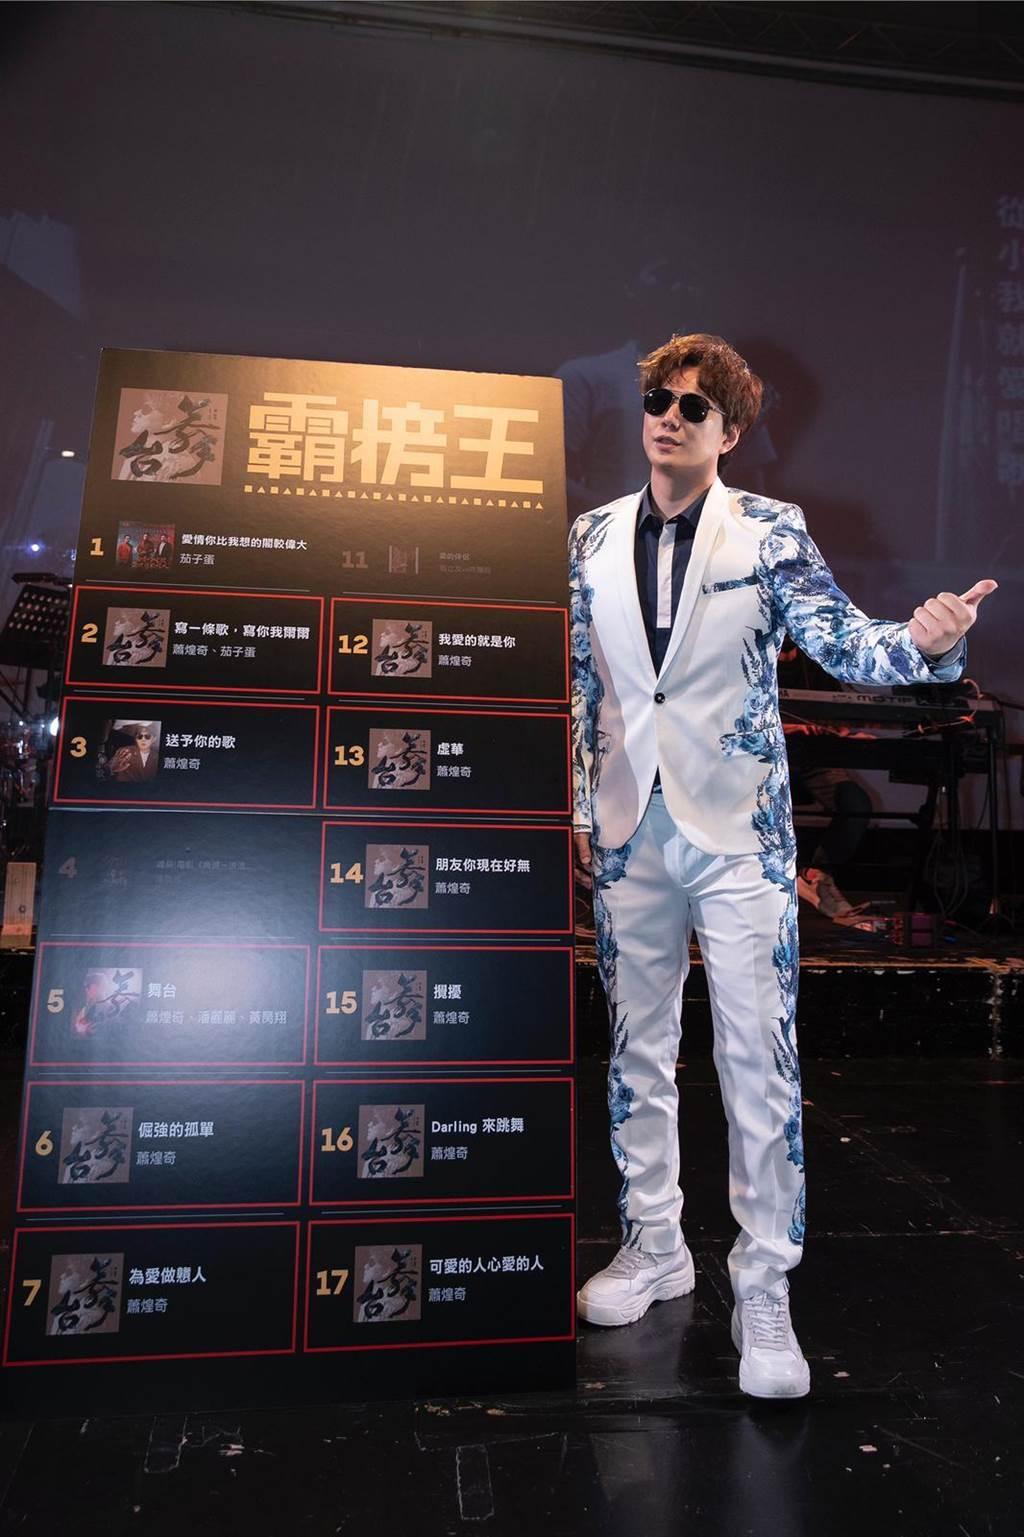 蕭煌奇最新台語專輯《舞台》霸榜成績傲人。(環球音樂提供)